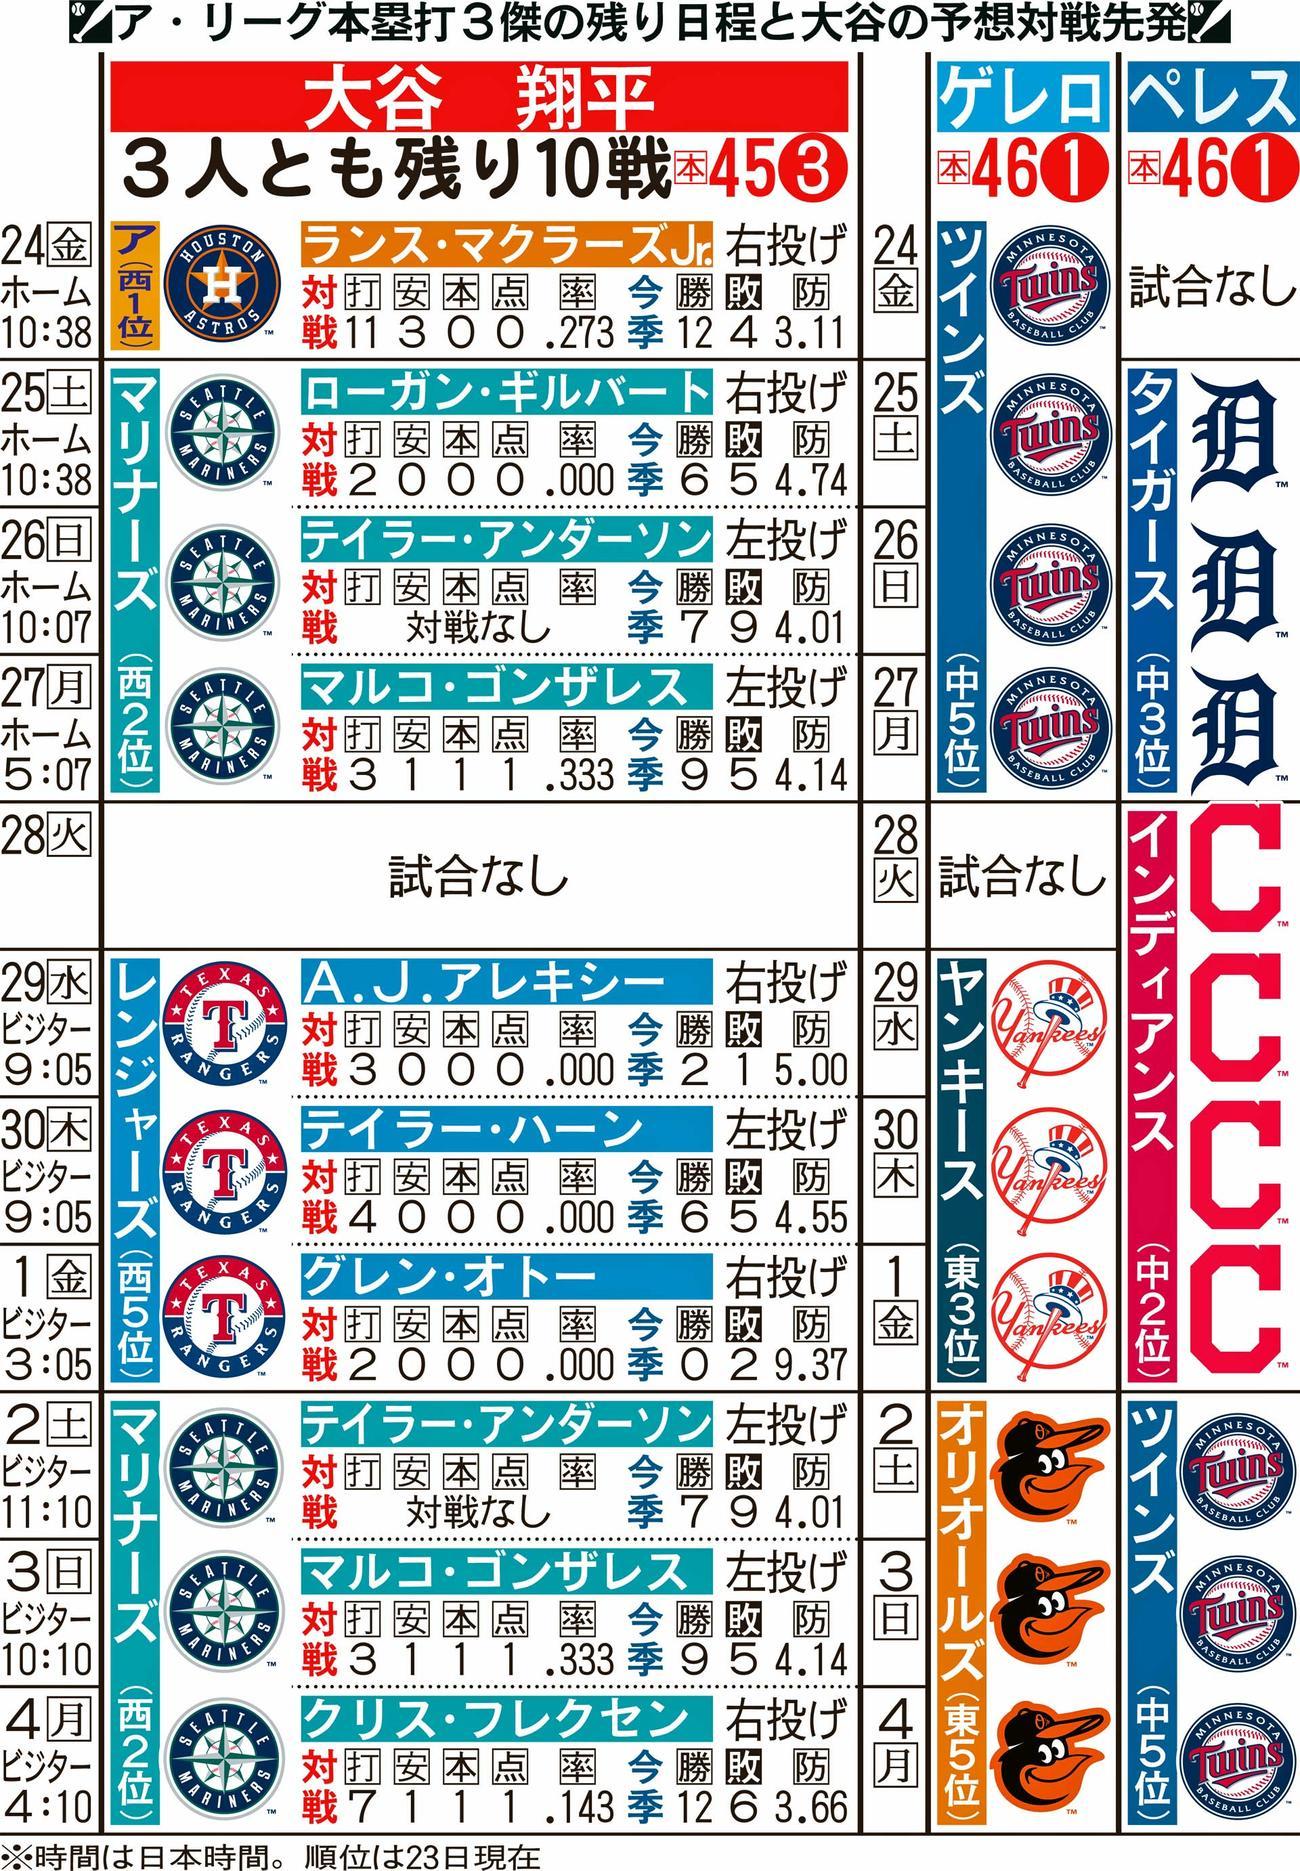 ア・リーグ本塁打3傑の残り日程と大谷の予想対戦先発